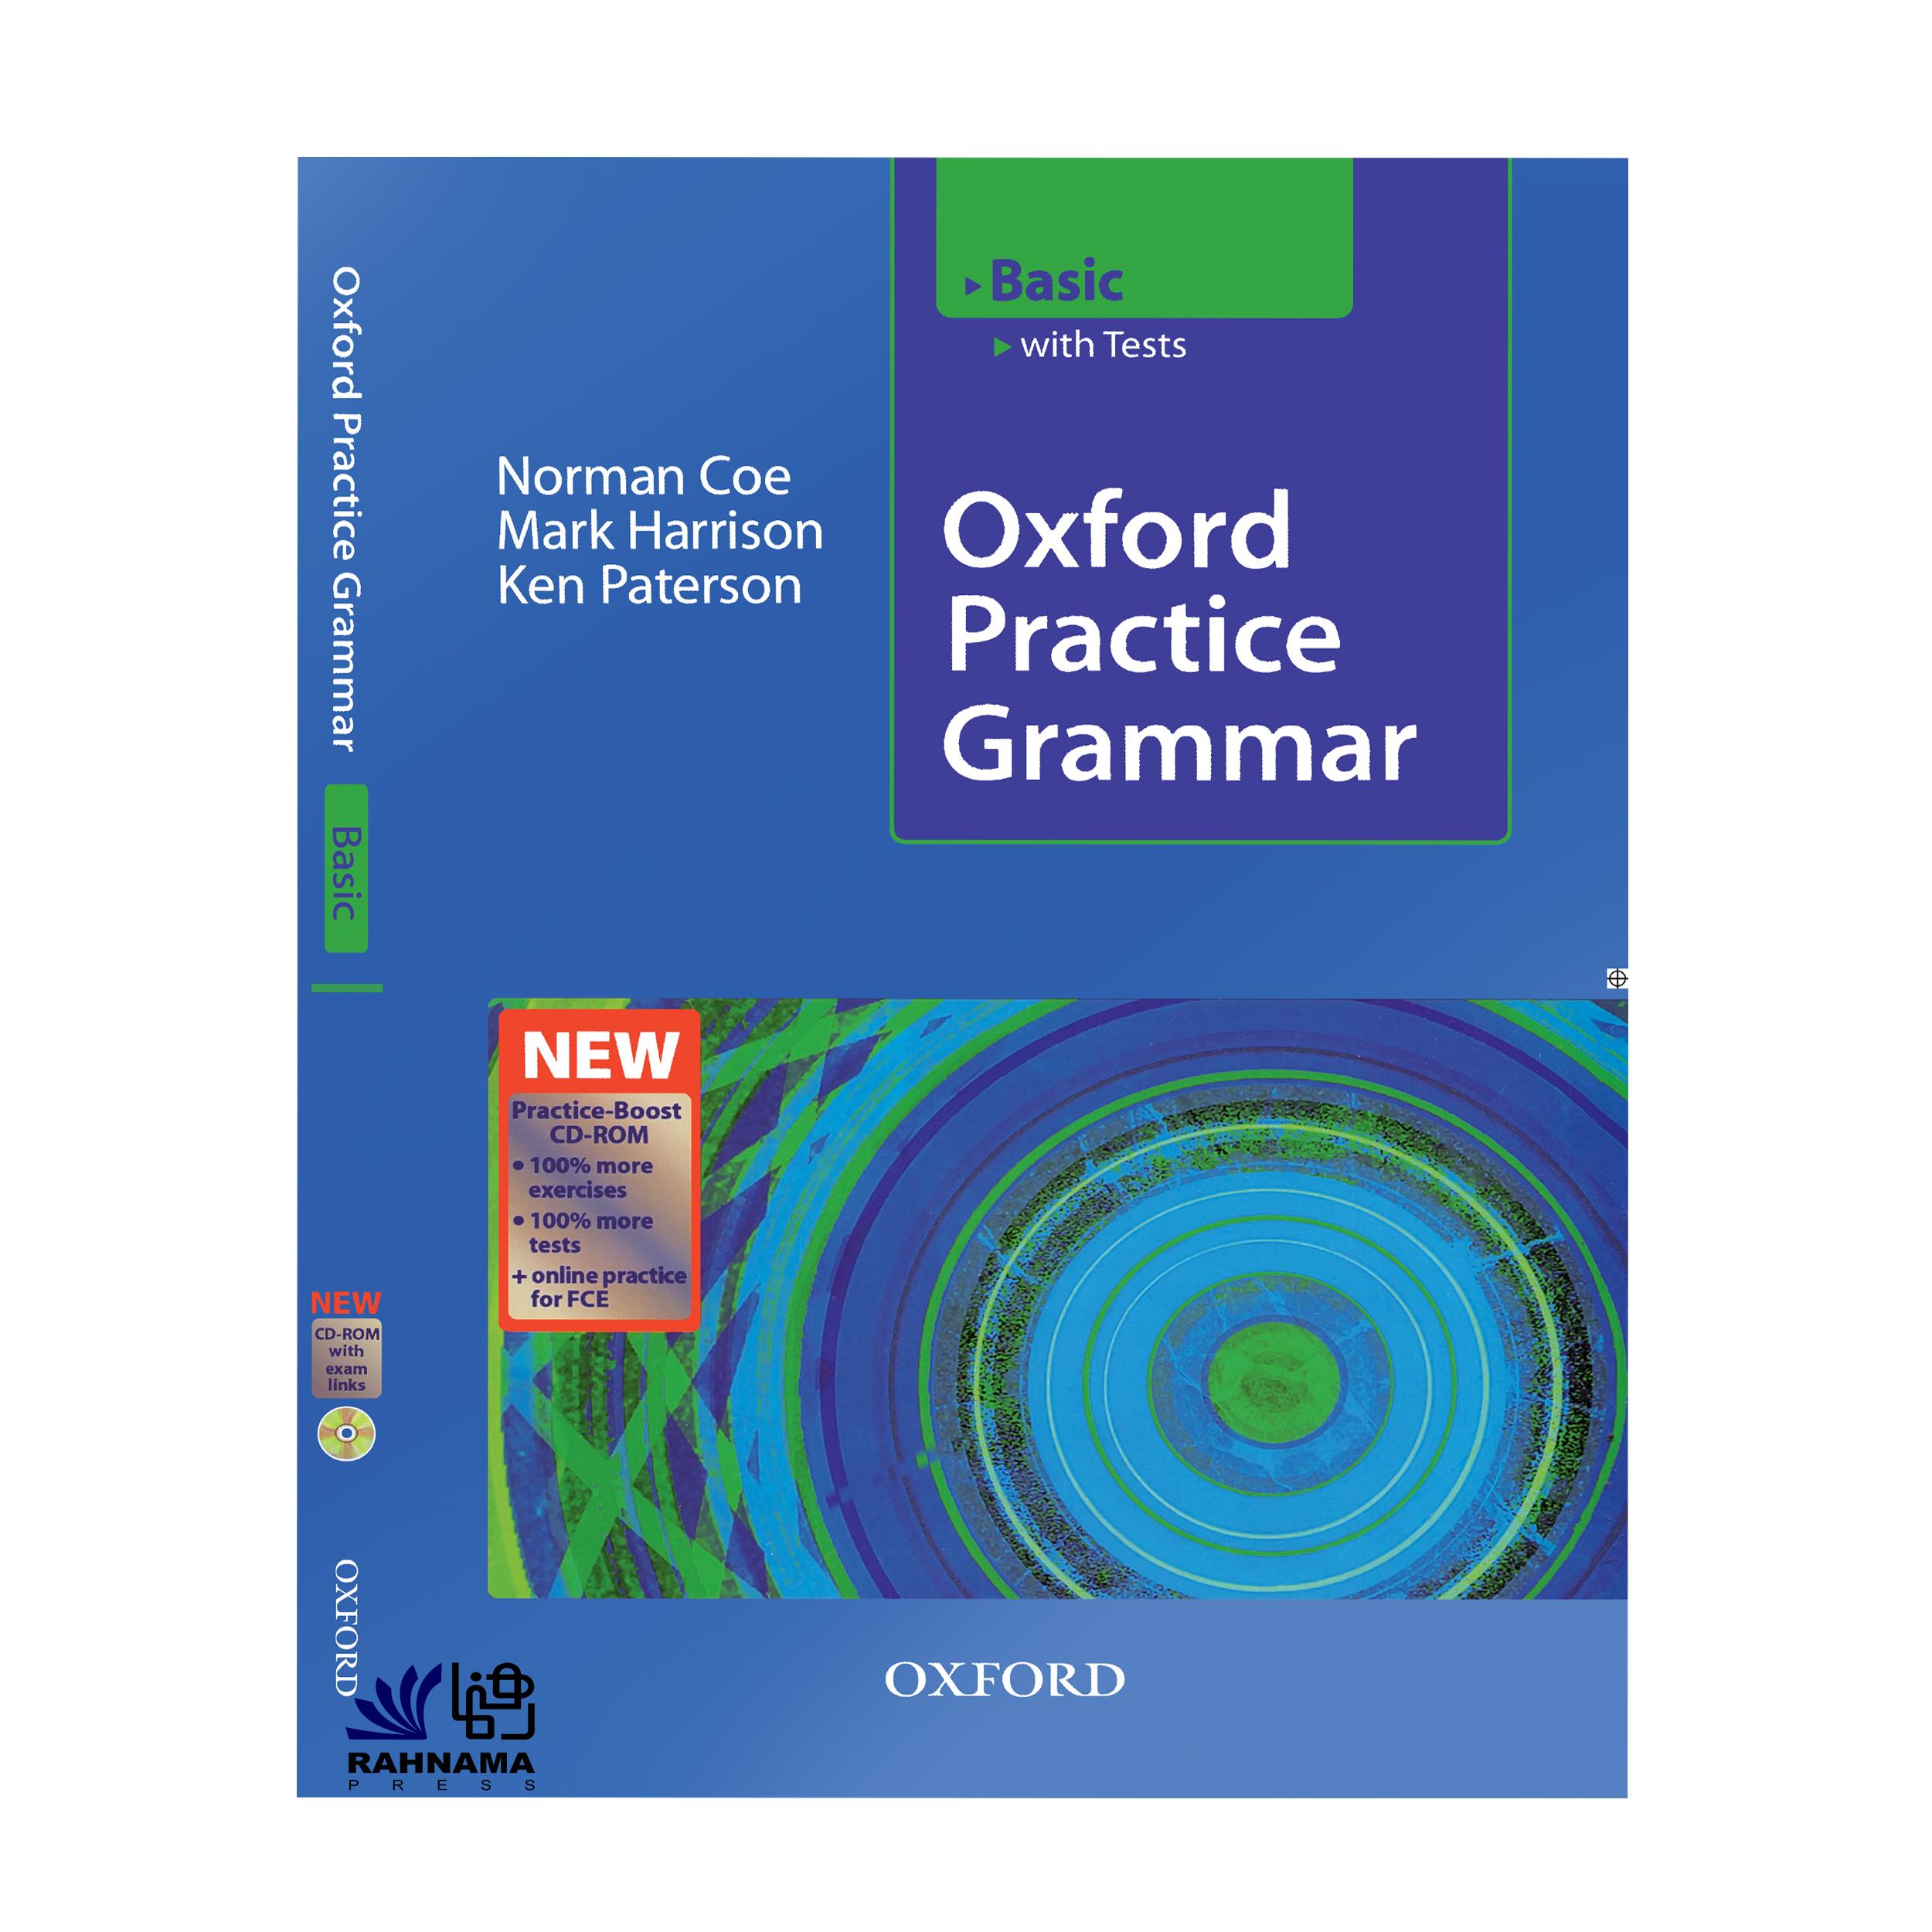 کتاب OXFORD PRACTICE GRAMMAR BASIC  اثر جمعی از نویسندگان   انتشارات رهنما